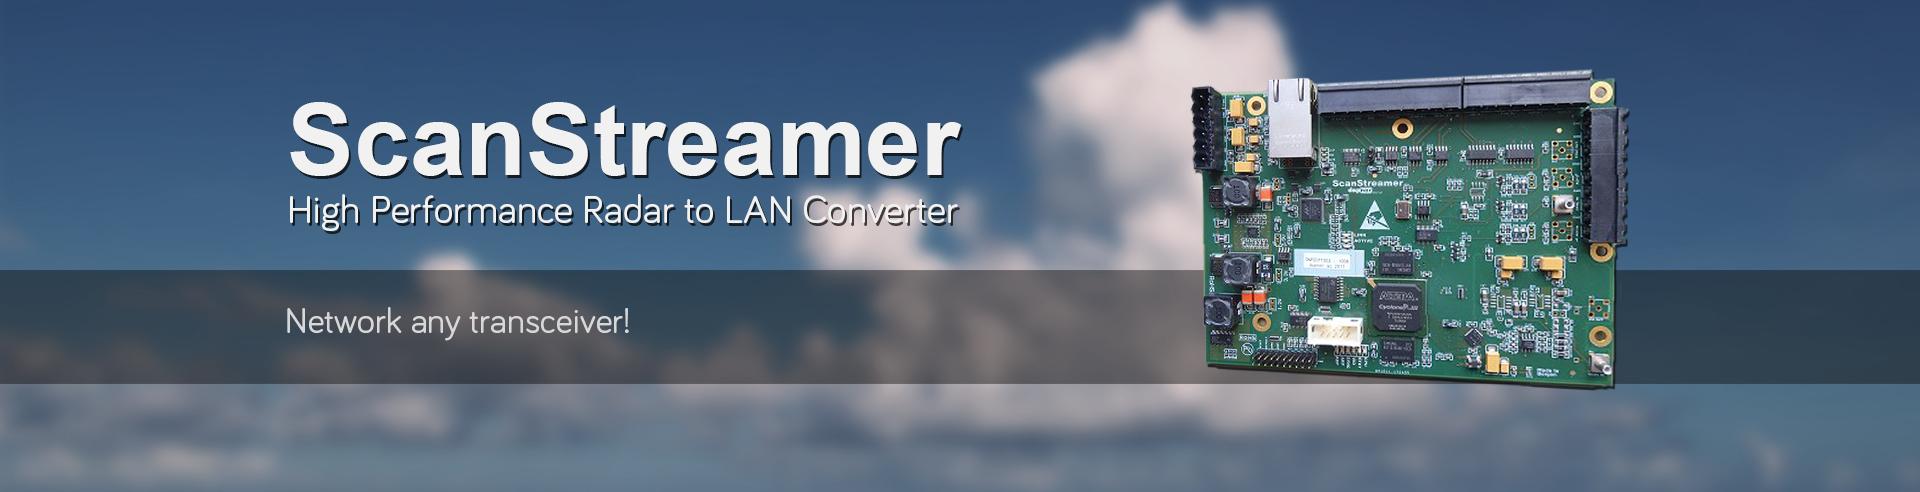 Scanstreamer high performance radar to lan converter